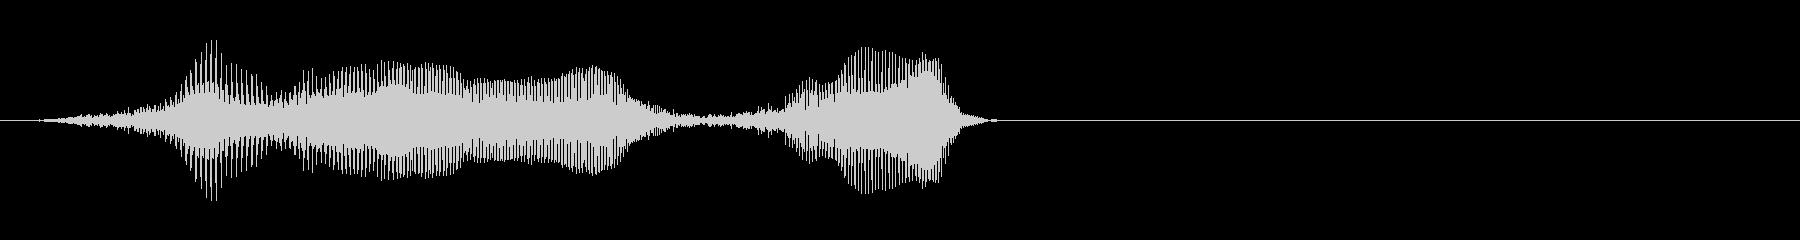 90(きゅうじゅっ)の未再生の波形